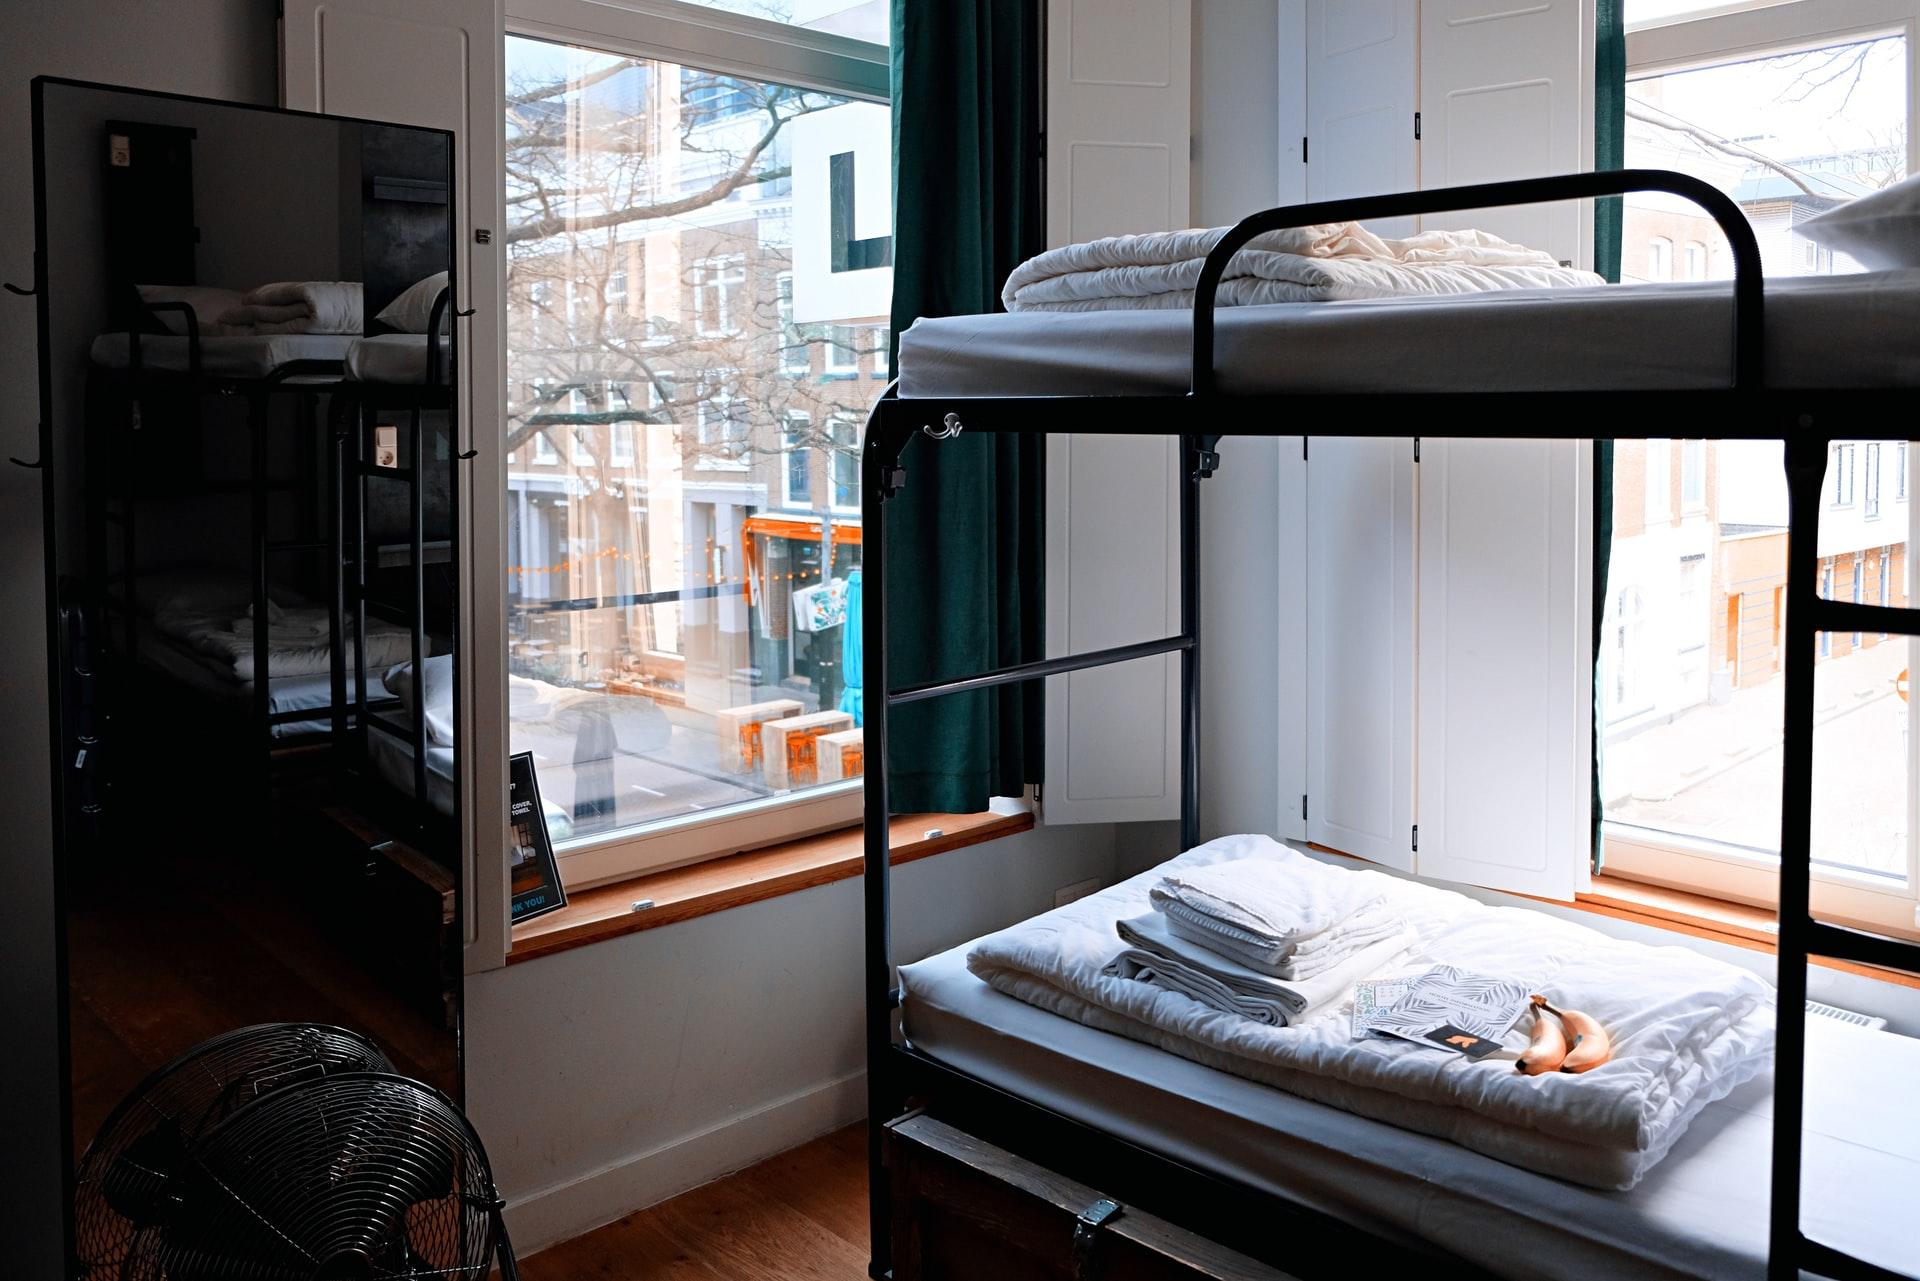 ベッドが2つ並んでる部屋